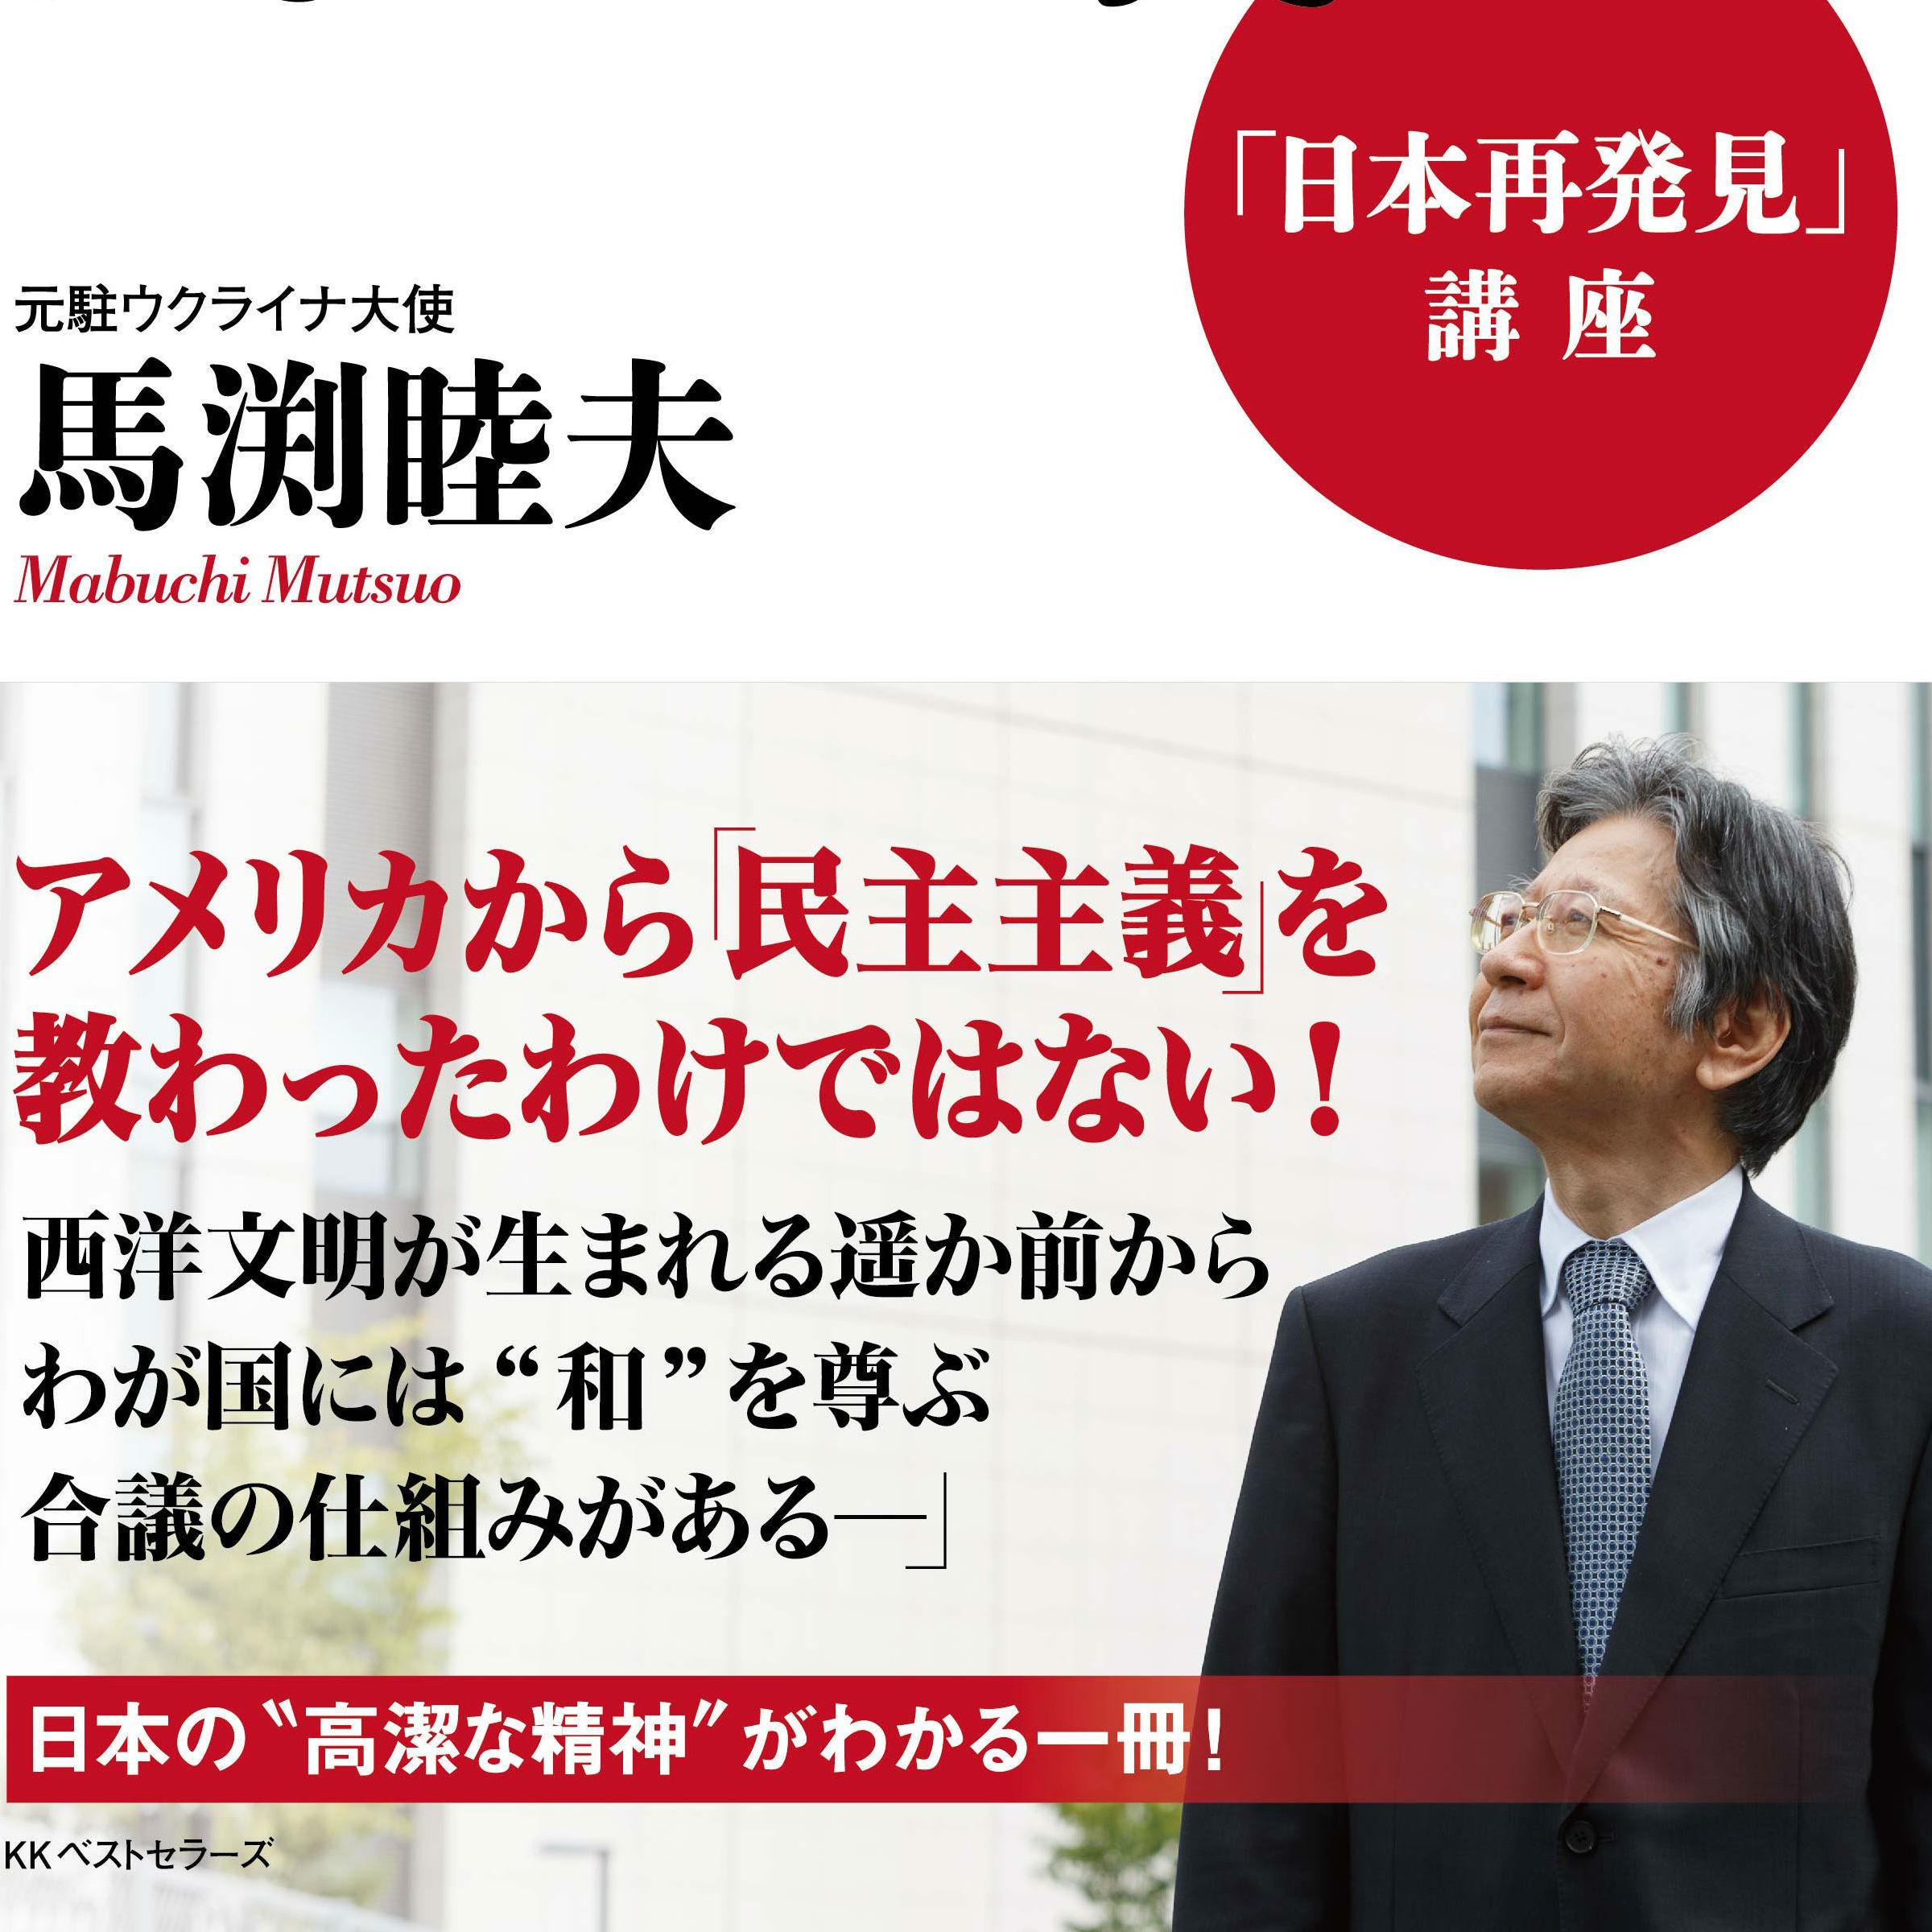 日本はアメリカから「民主主義」を教わったわけではない!